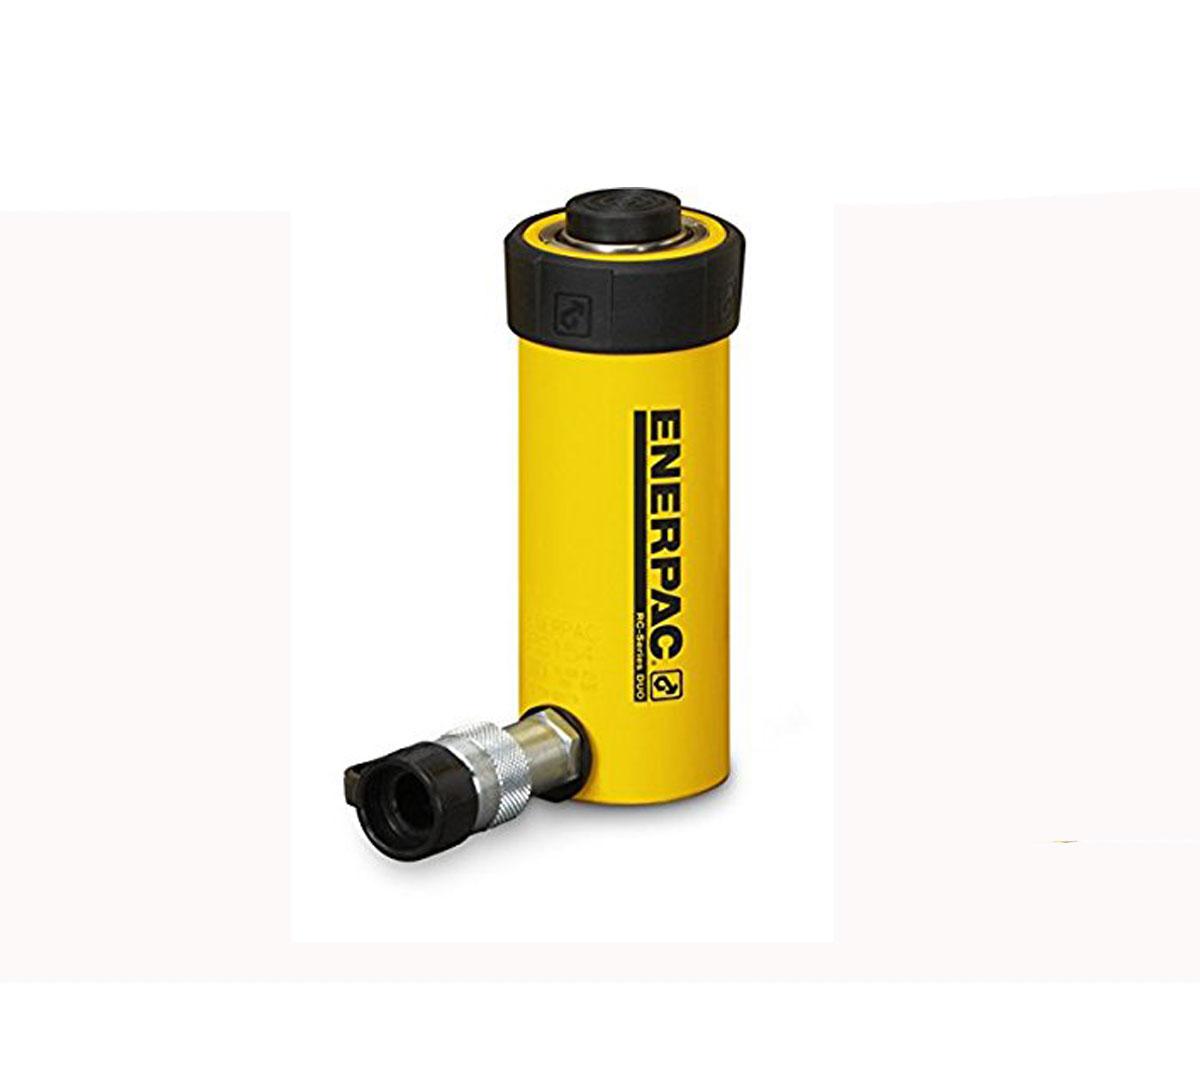 enerpac-rc152-hydraulic-cylinder